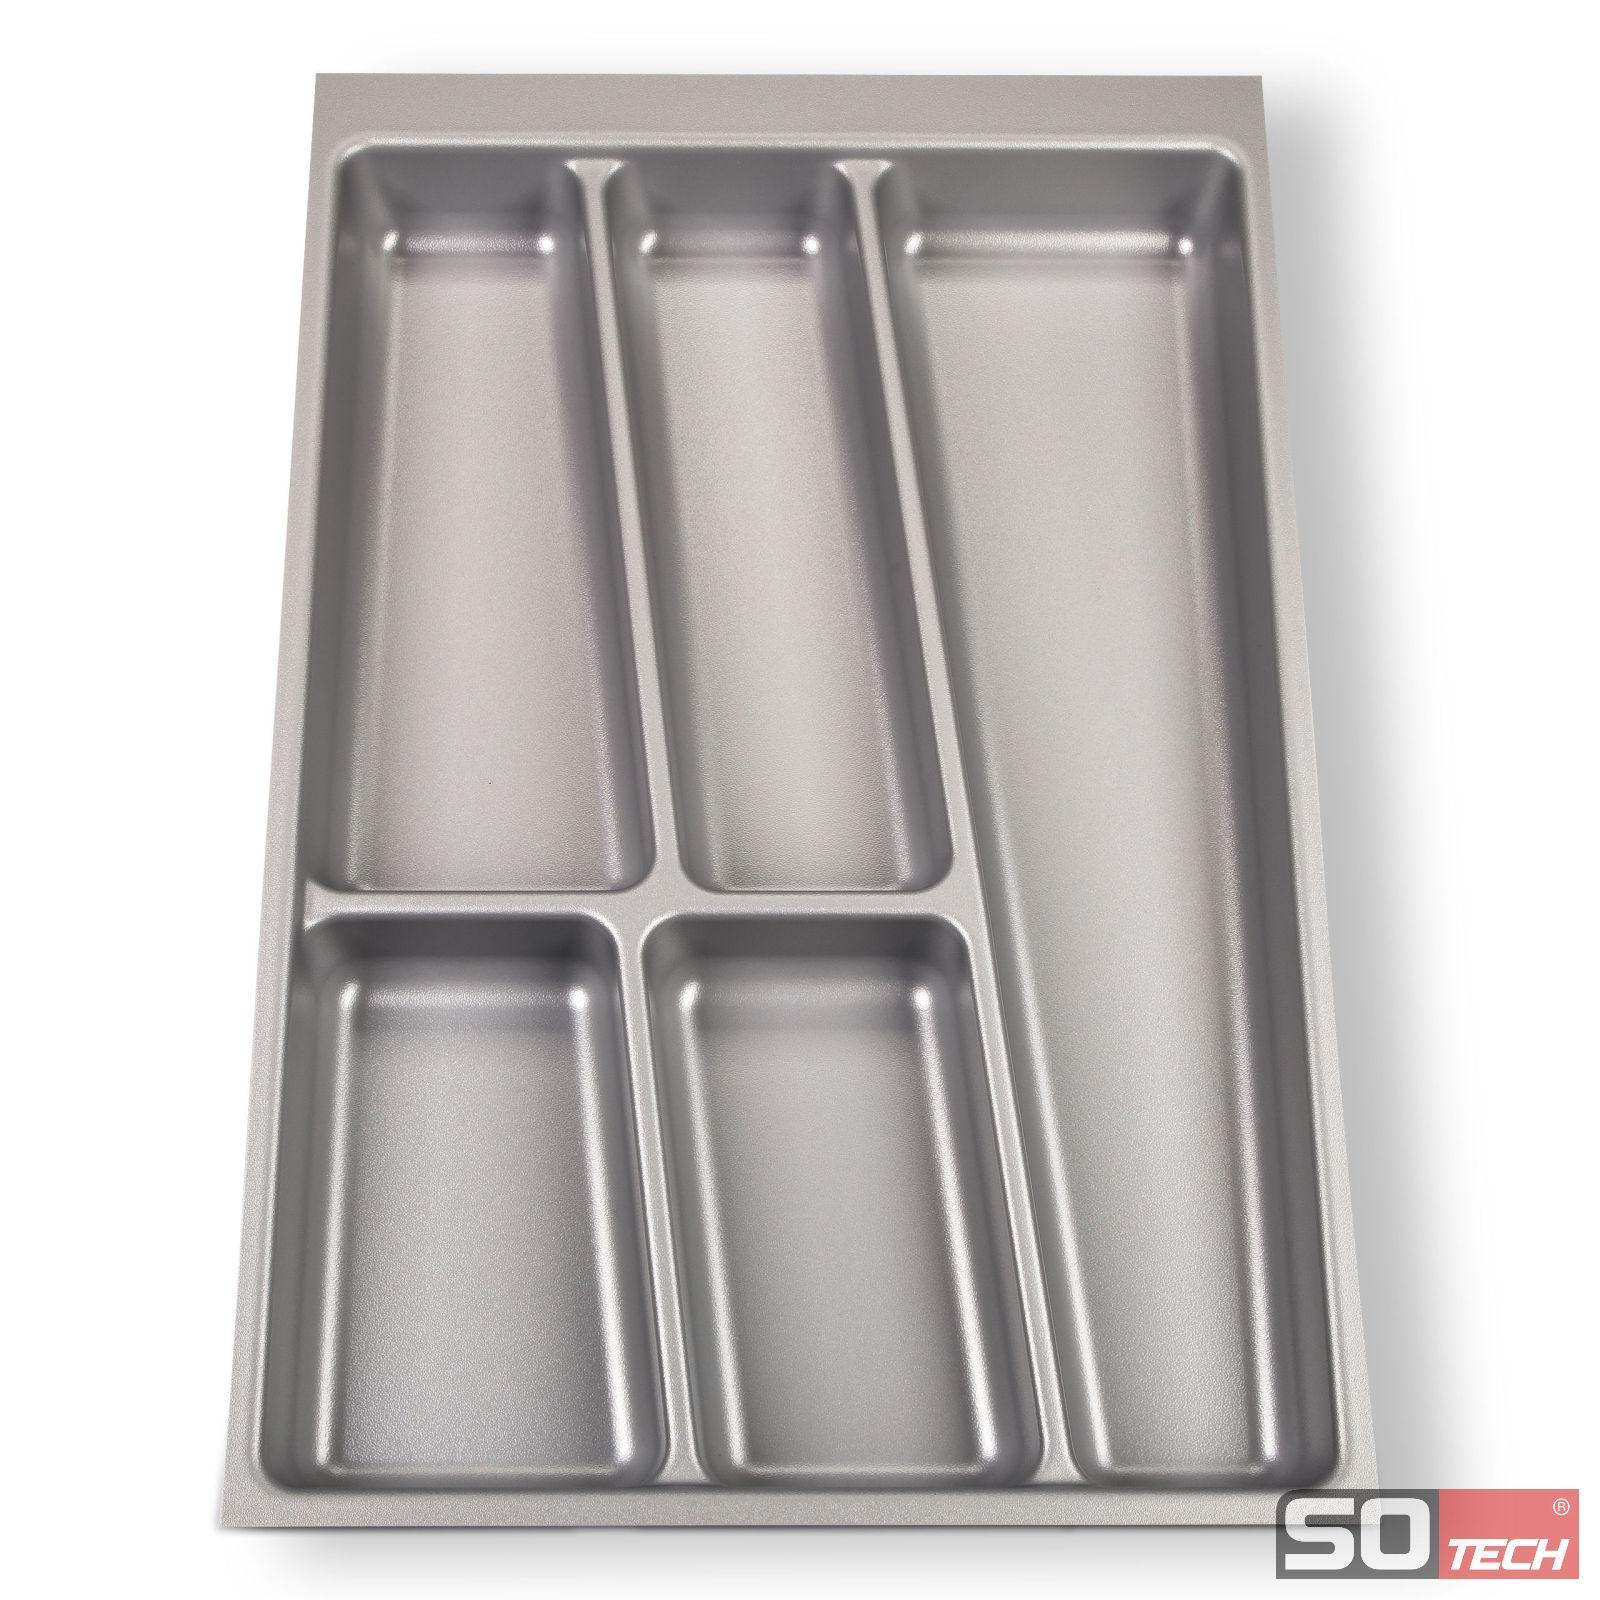 Besteckeinsatz ORGA BOX für 40cm Schublade Besteckkasten